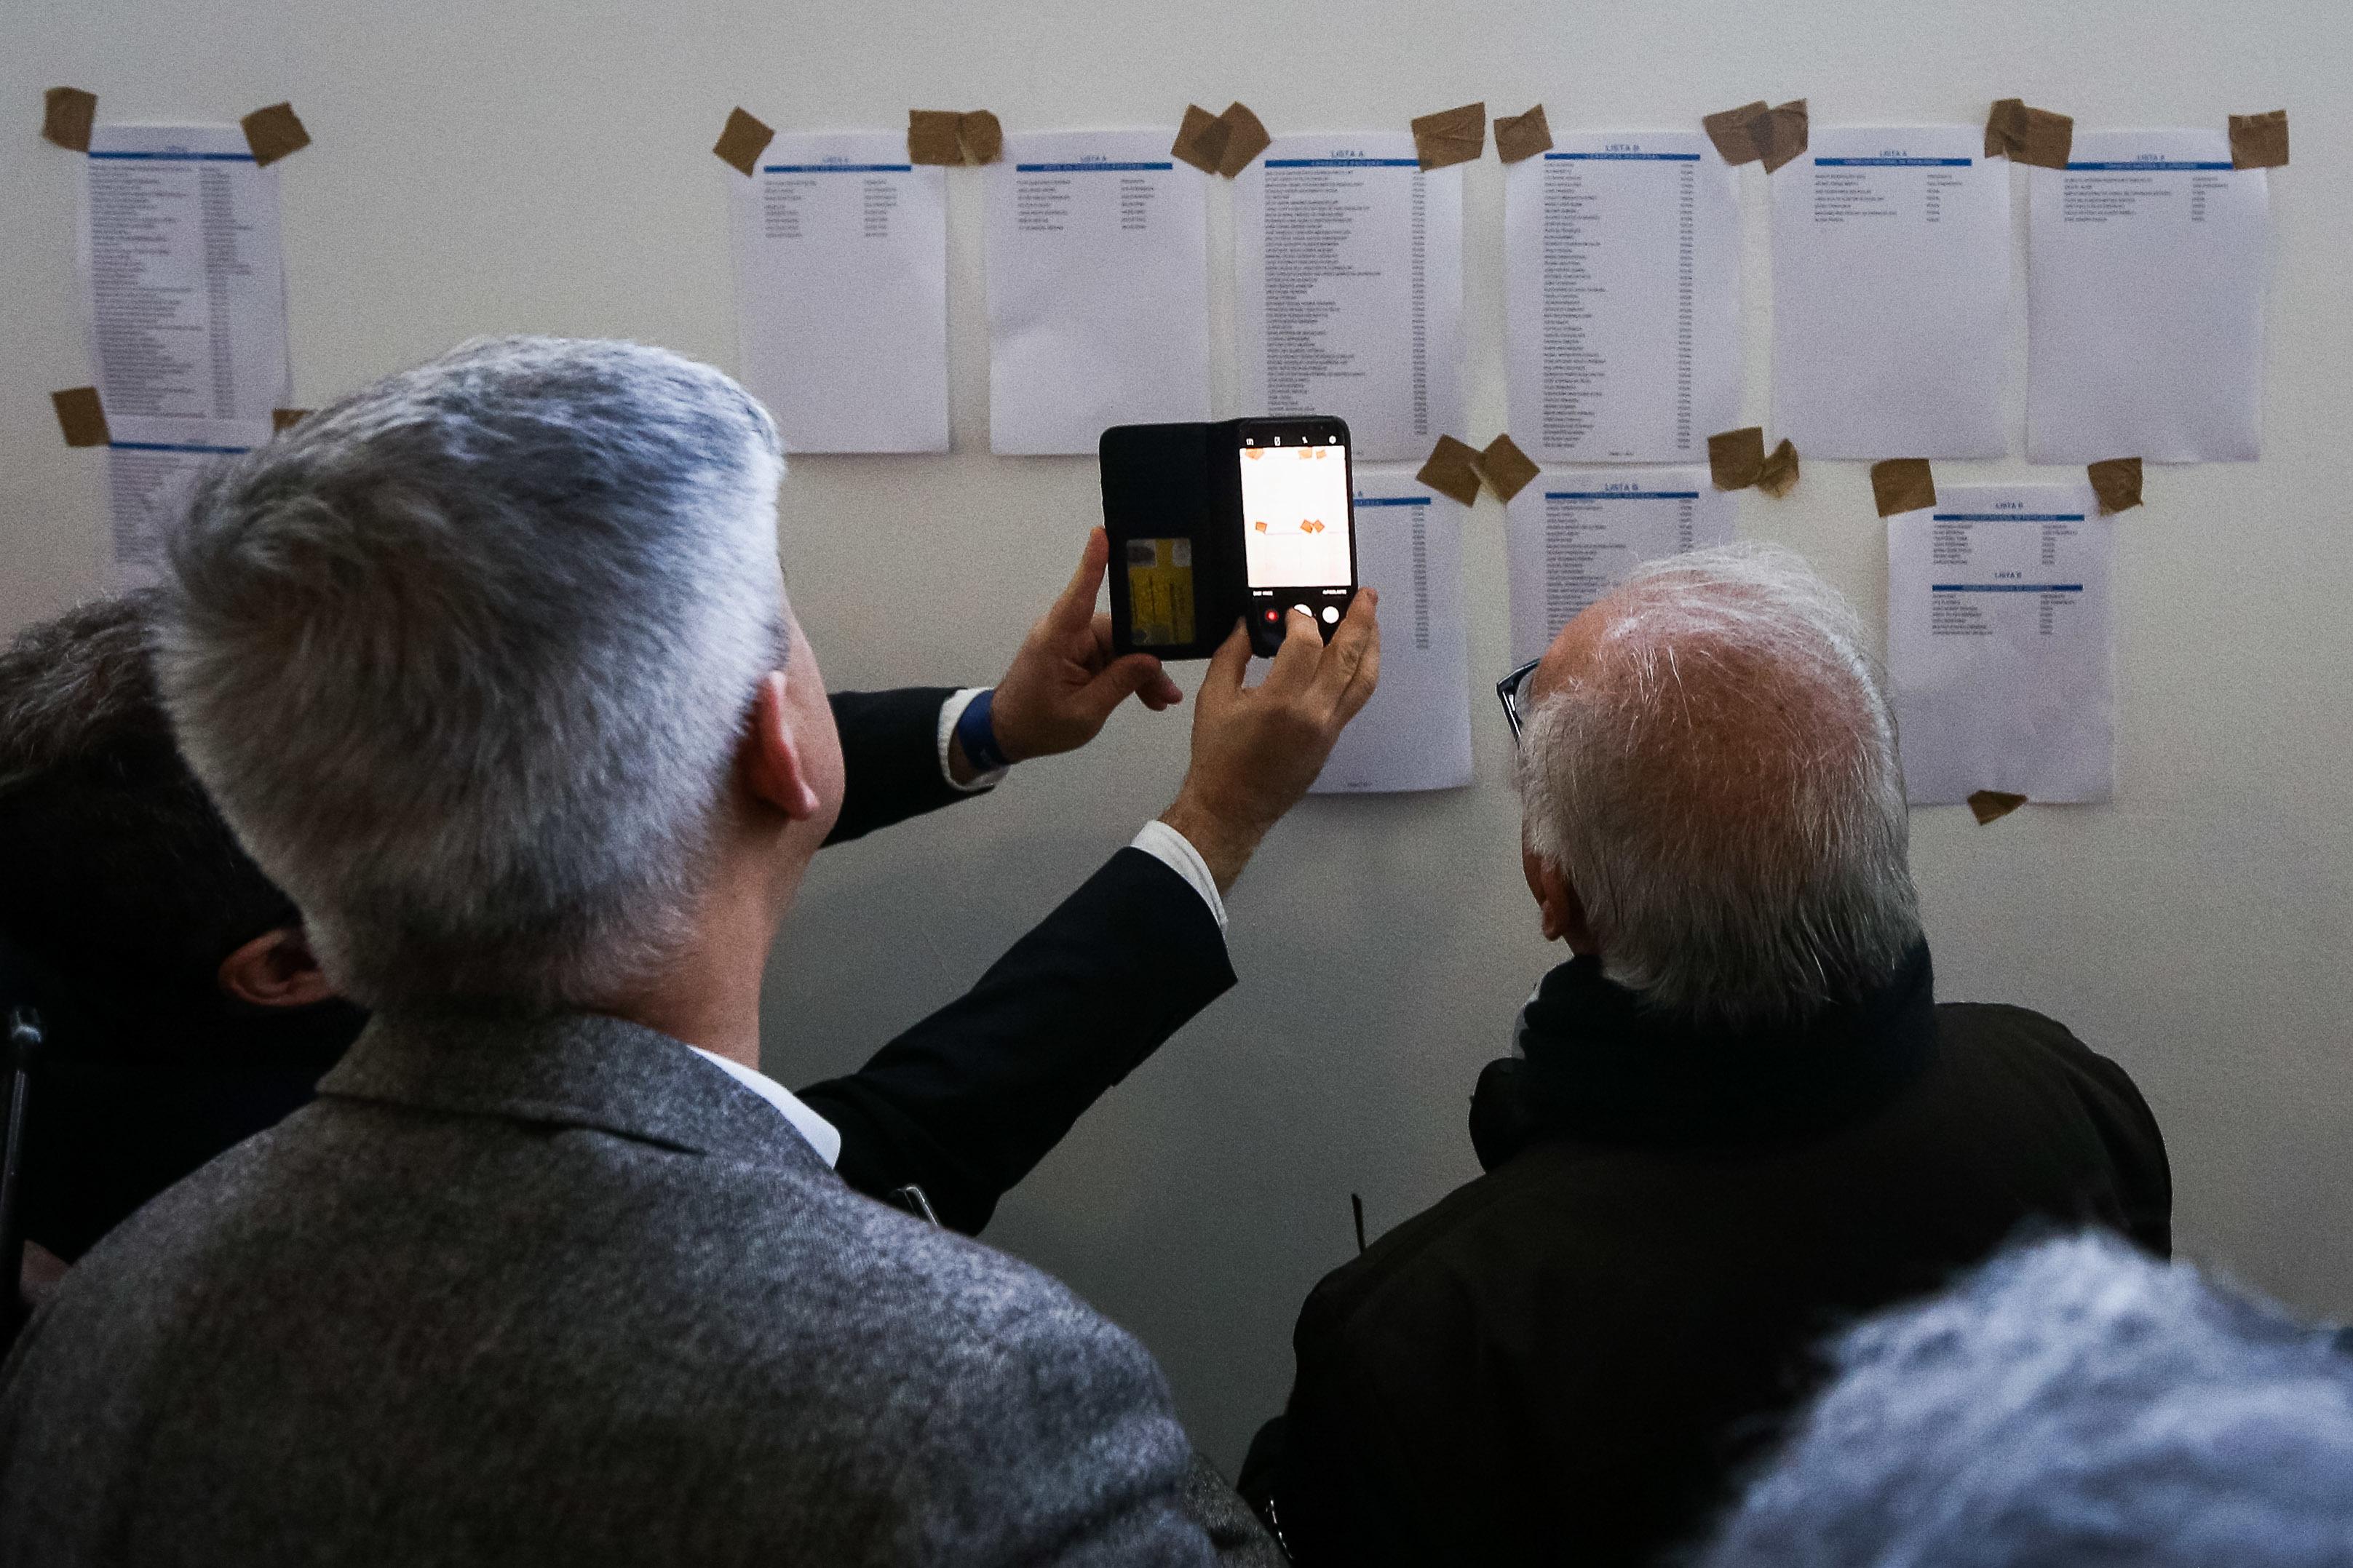 Nova comissão política nacional do CDS-PP eleita com 65,7%